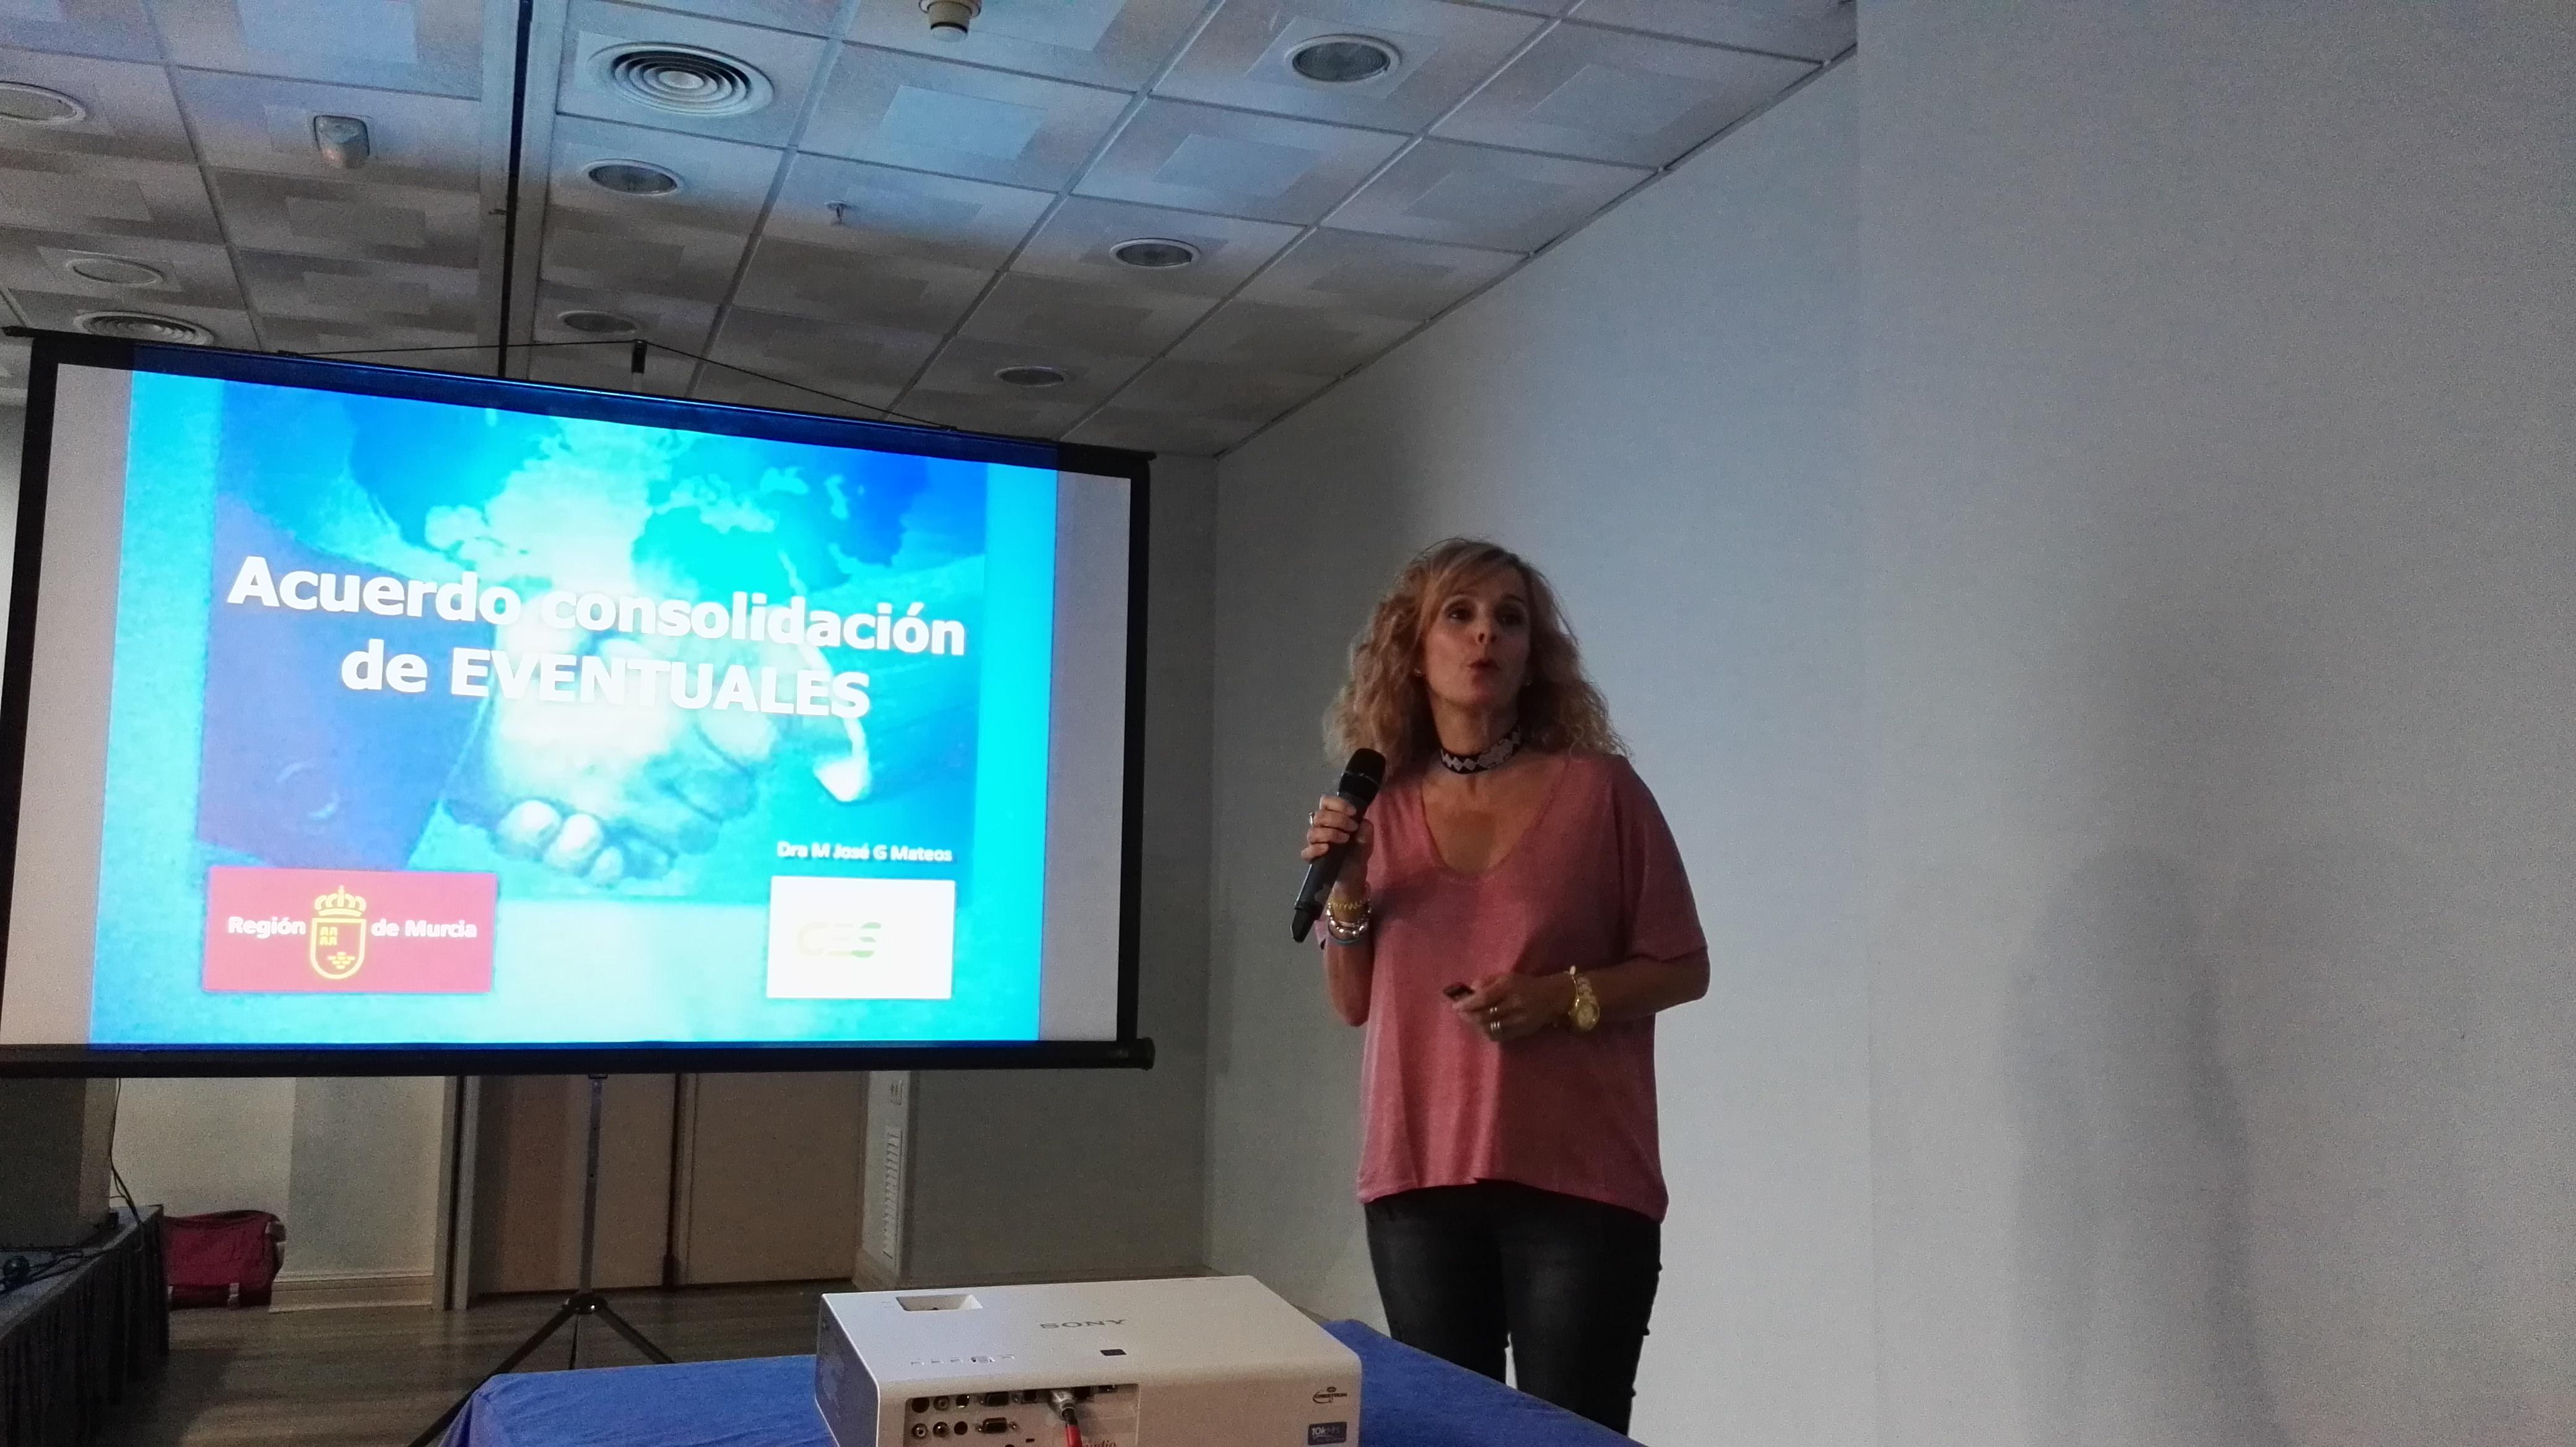 María José García, Secretaria Técnica de Atención Hospitalaria del Sindicato Médico de Murcia (CESM Murcia)